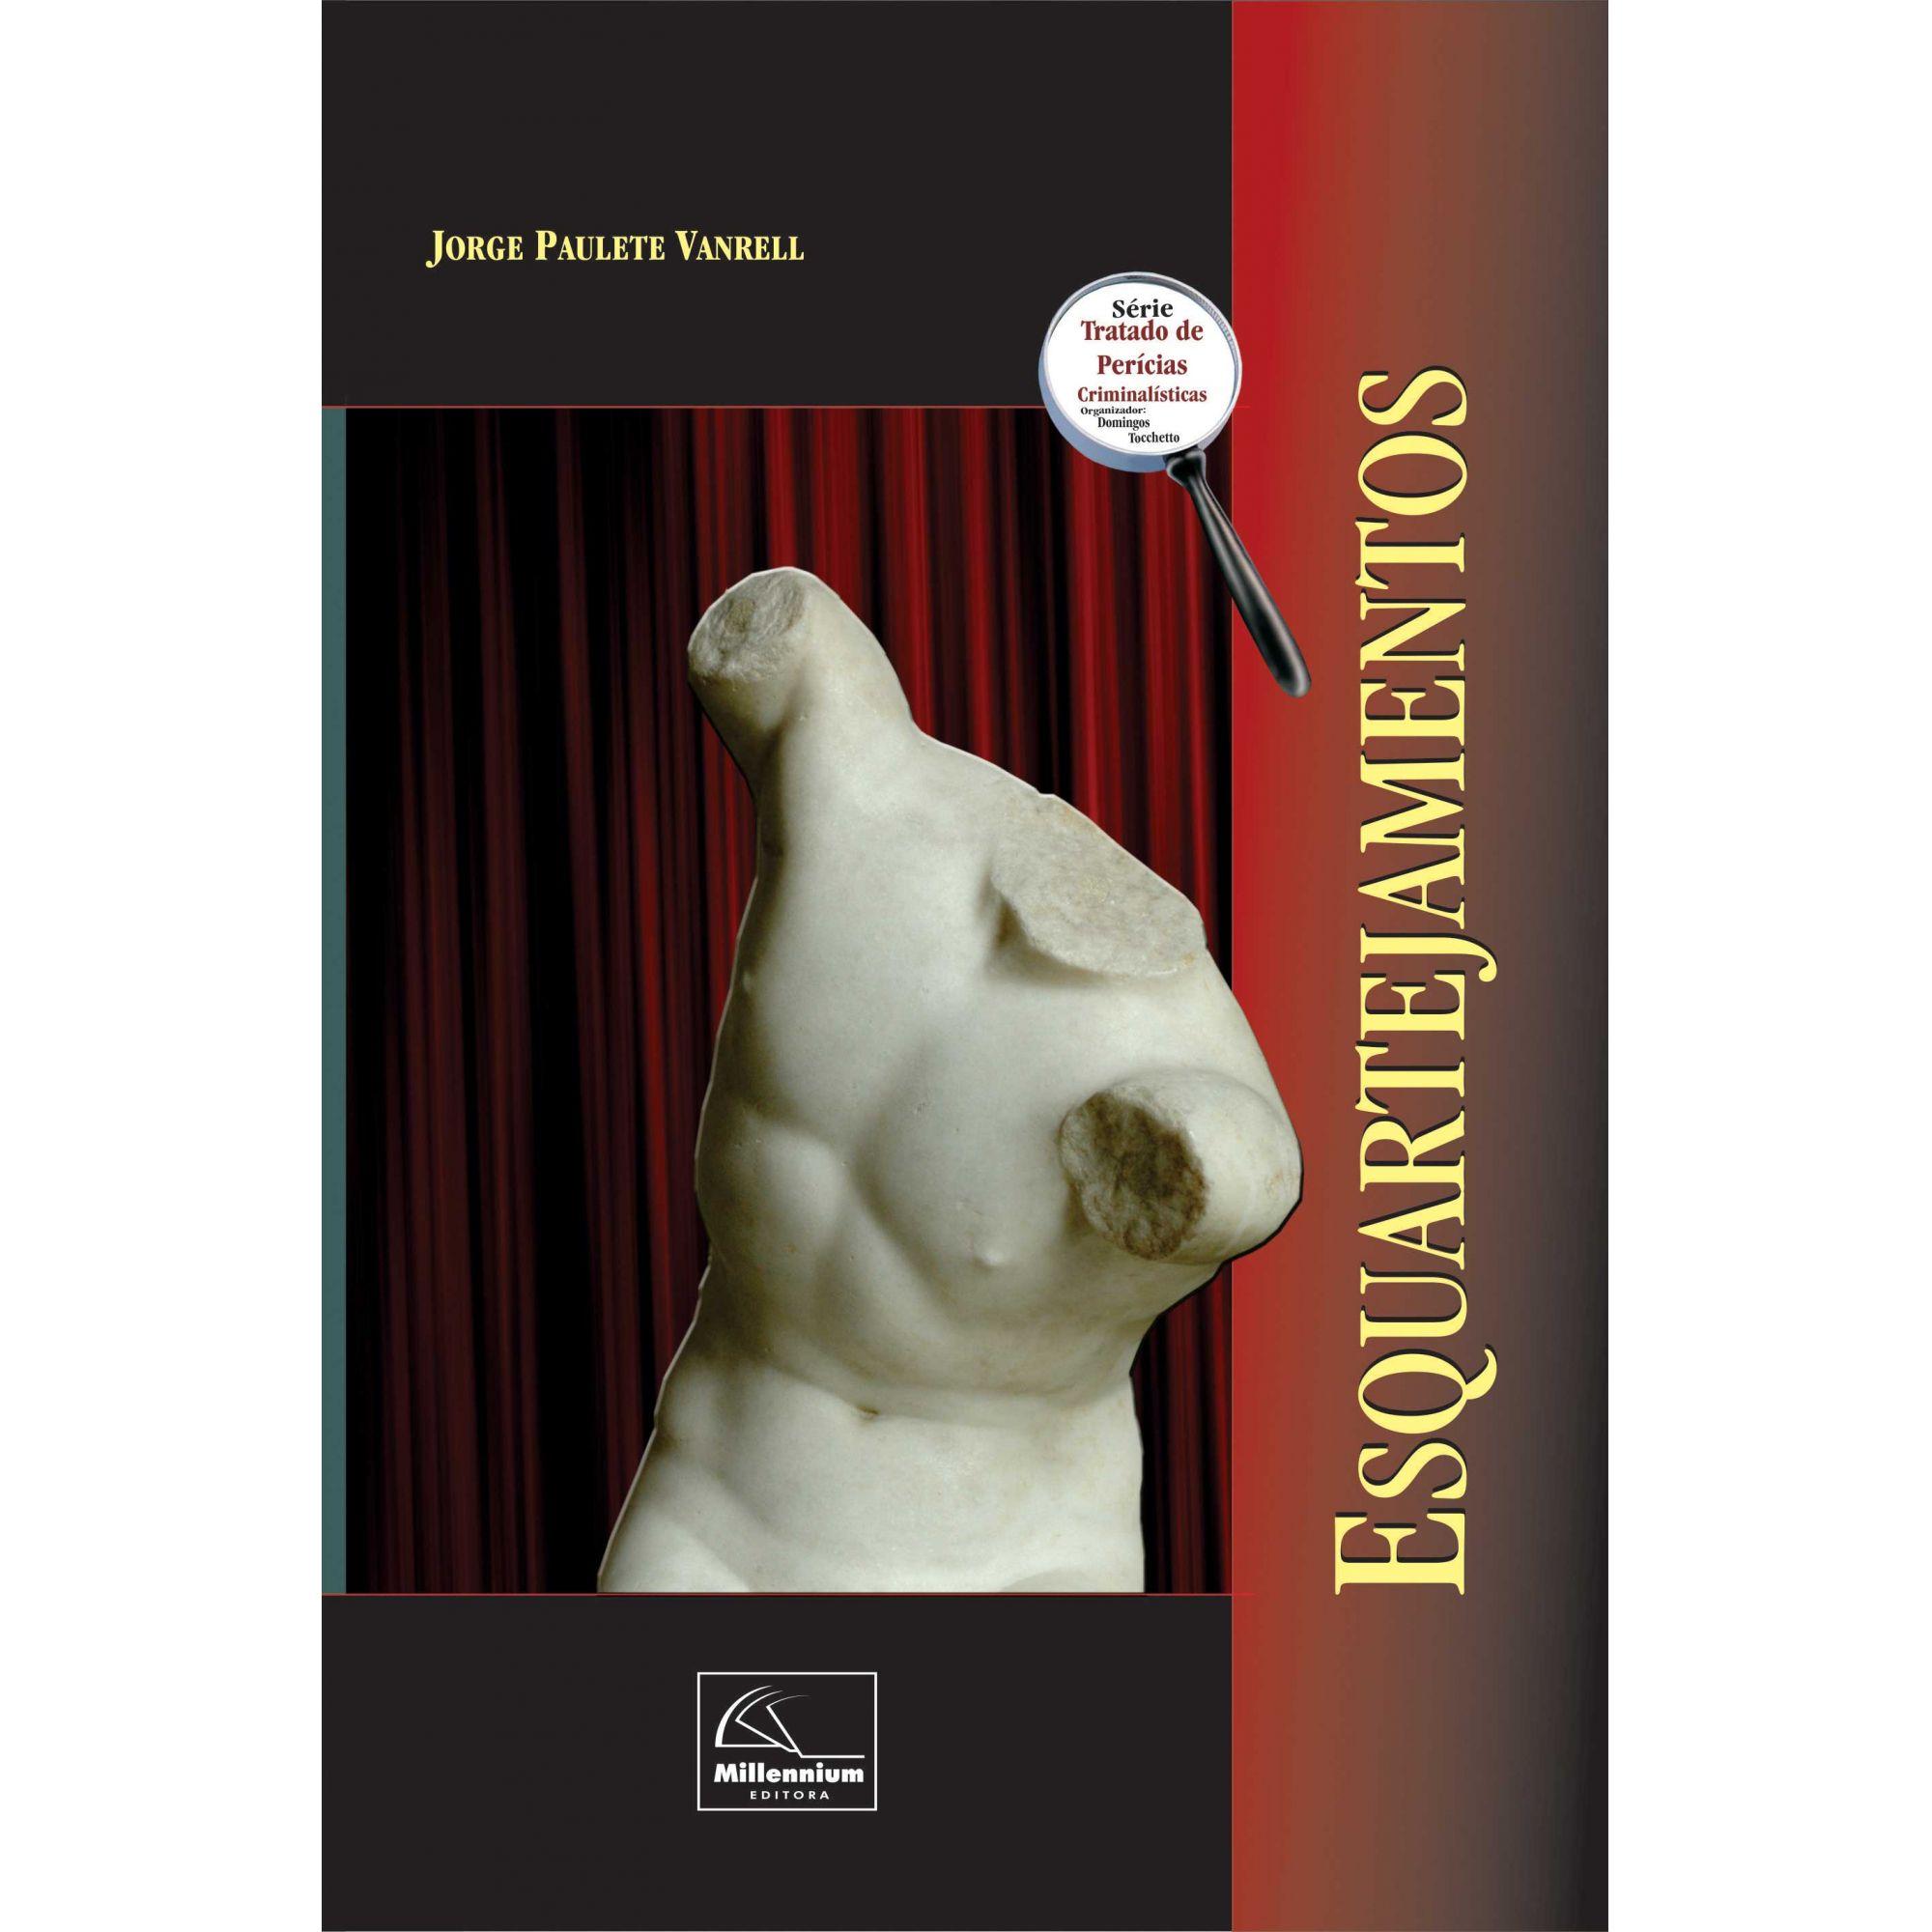 Esquartejamento – Aspectos Técnicos,Psicológicos e Jurídicos <b>Autor: JORGE PAULETE VANRELL</b>  - Millennium Editora